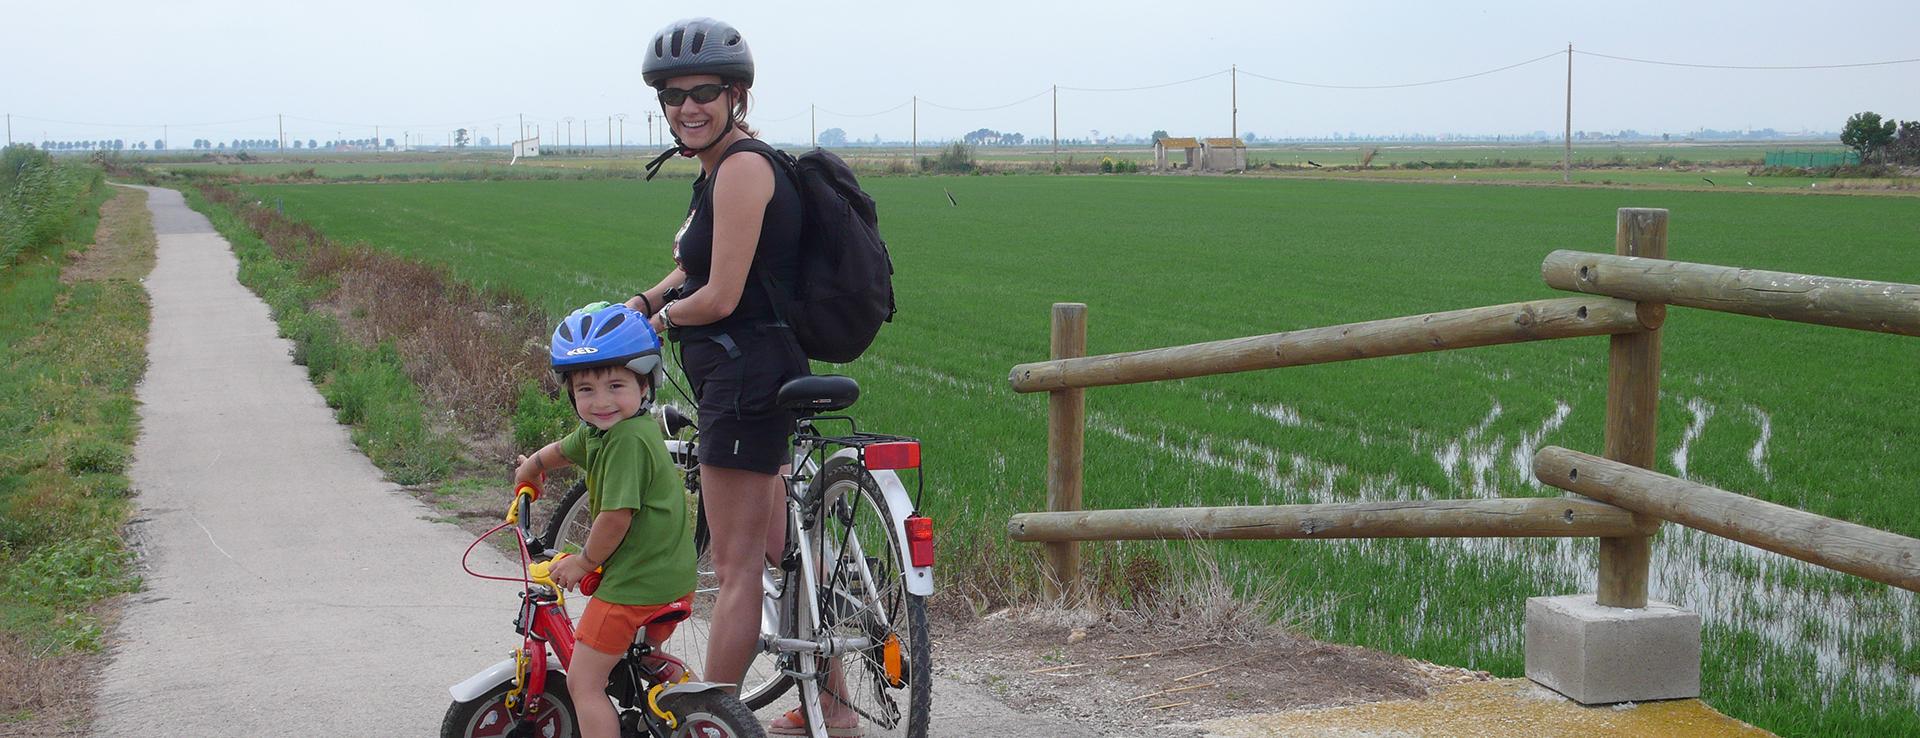 Excursiones en bicicleta por el Parque Natural del Delta del Ebro